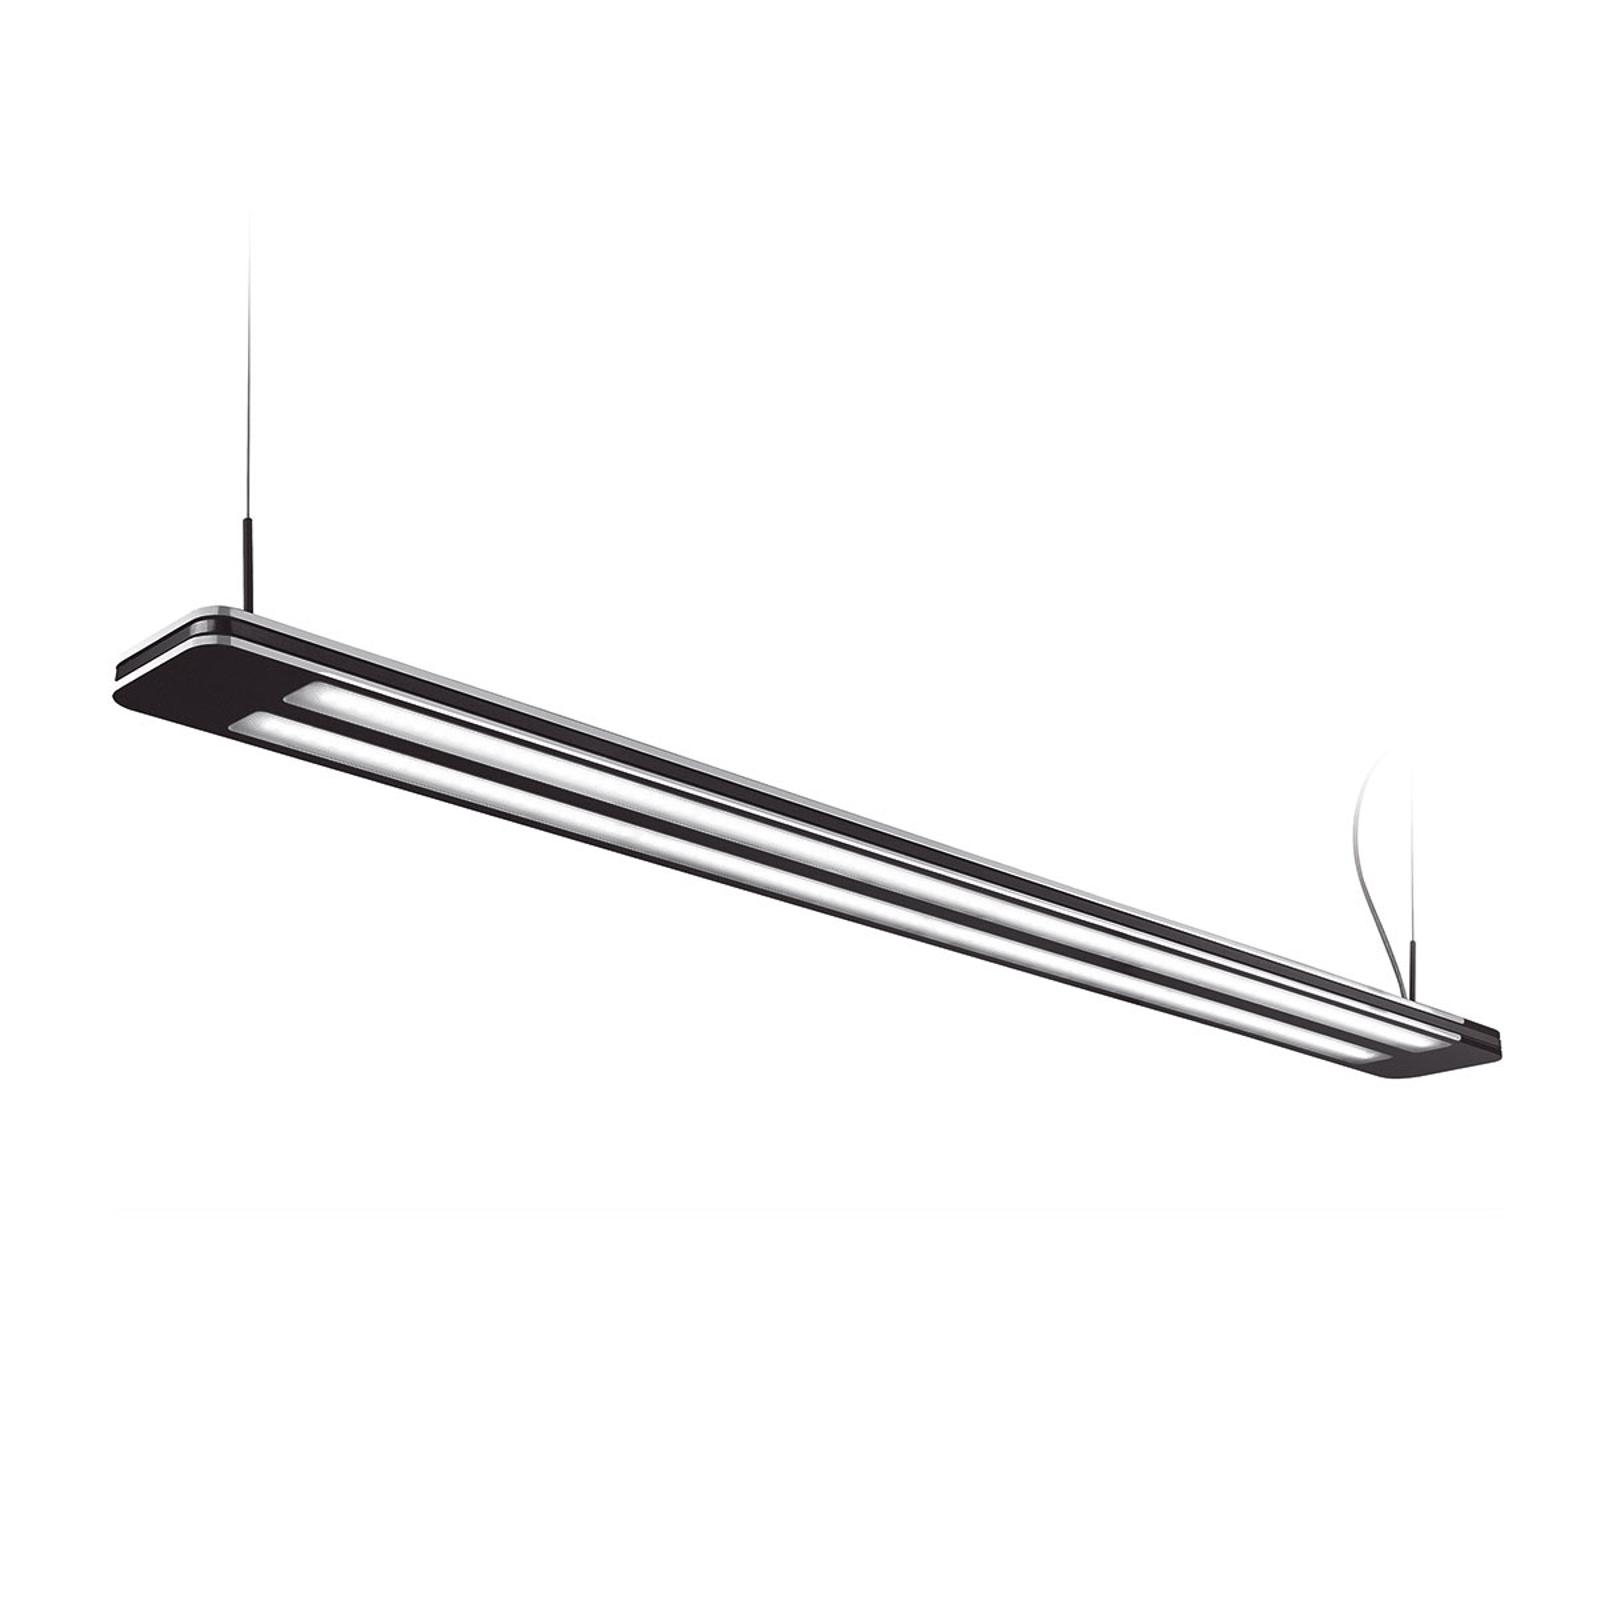 LED hanglamp Trentino II, 156 W, zwart